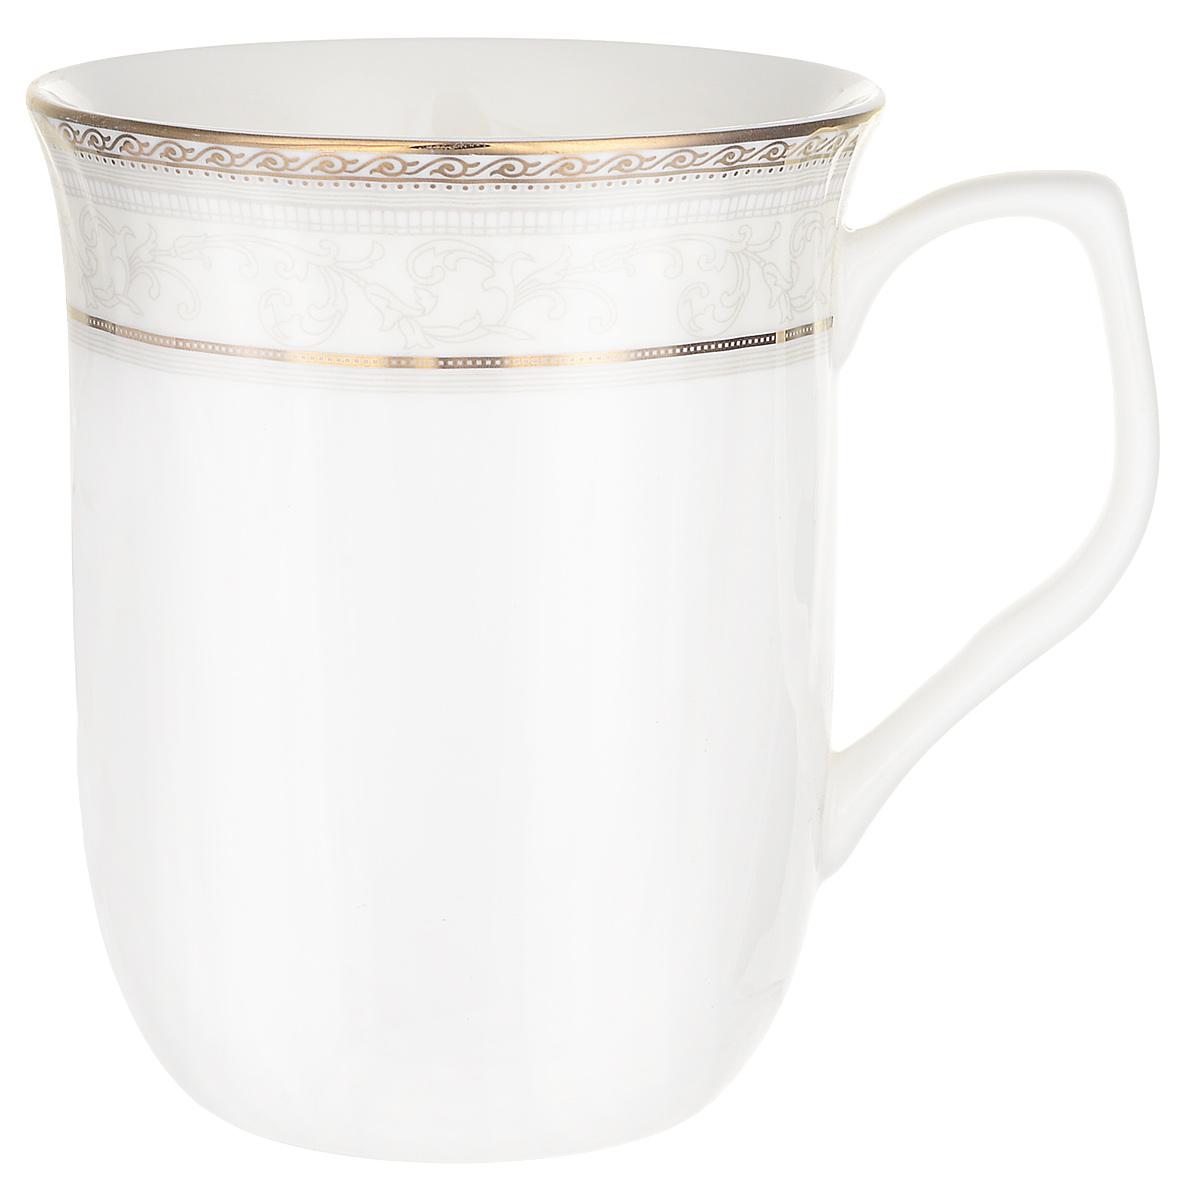 """Пить чай всегда хочется не торопясь и с удовольствием, особенно приятно, когда в руках красивая посуда, которая помогает раскрыть все нотки вкуса настоящего напитка. Любому поднимет настроение и окунет в мир наслаждения стильная кружка """"Элегант""""."""